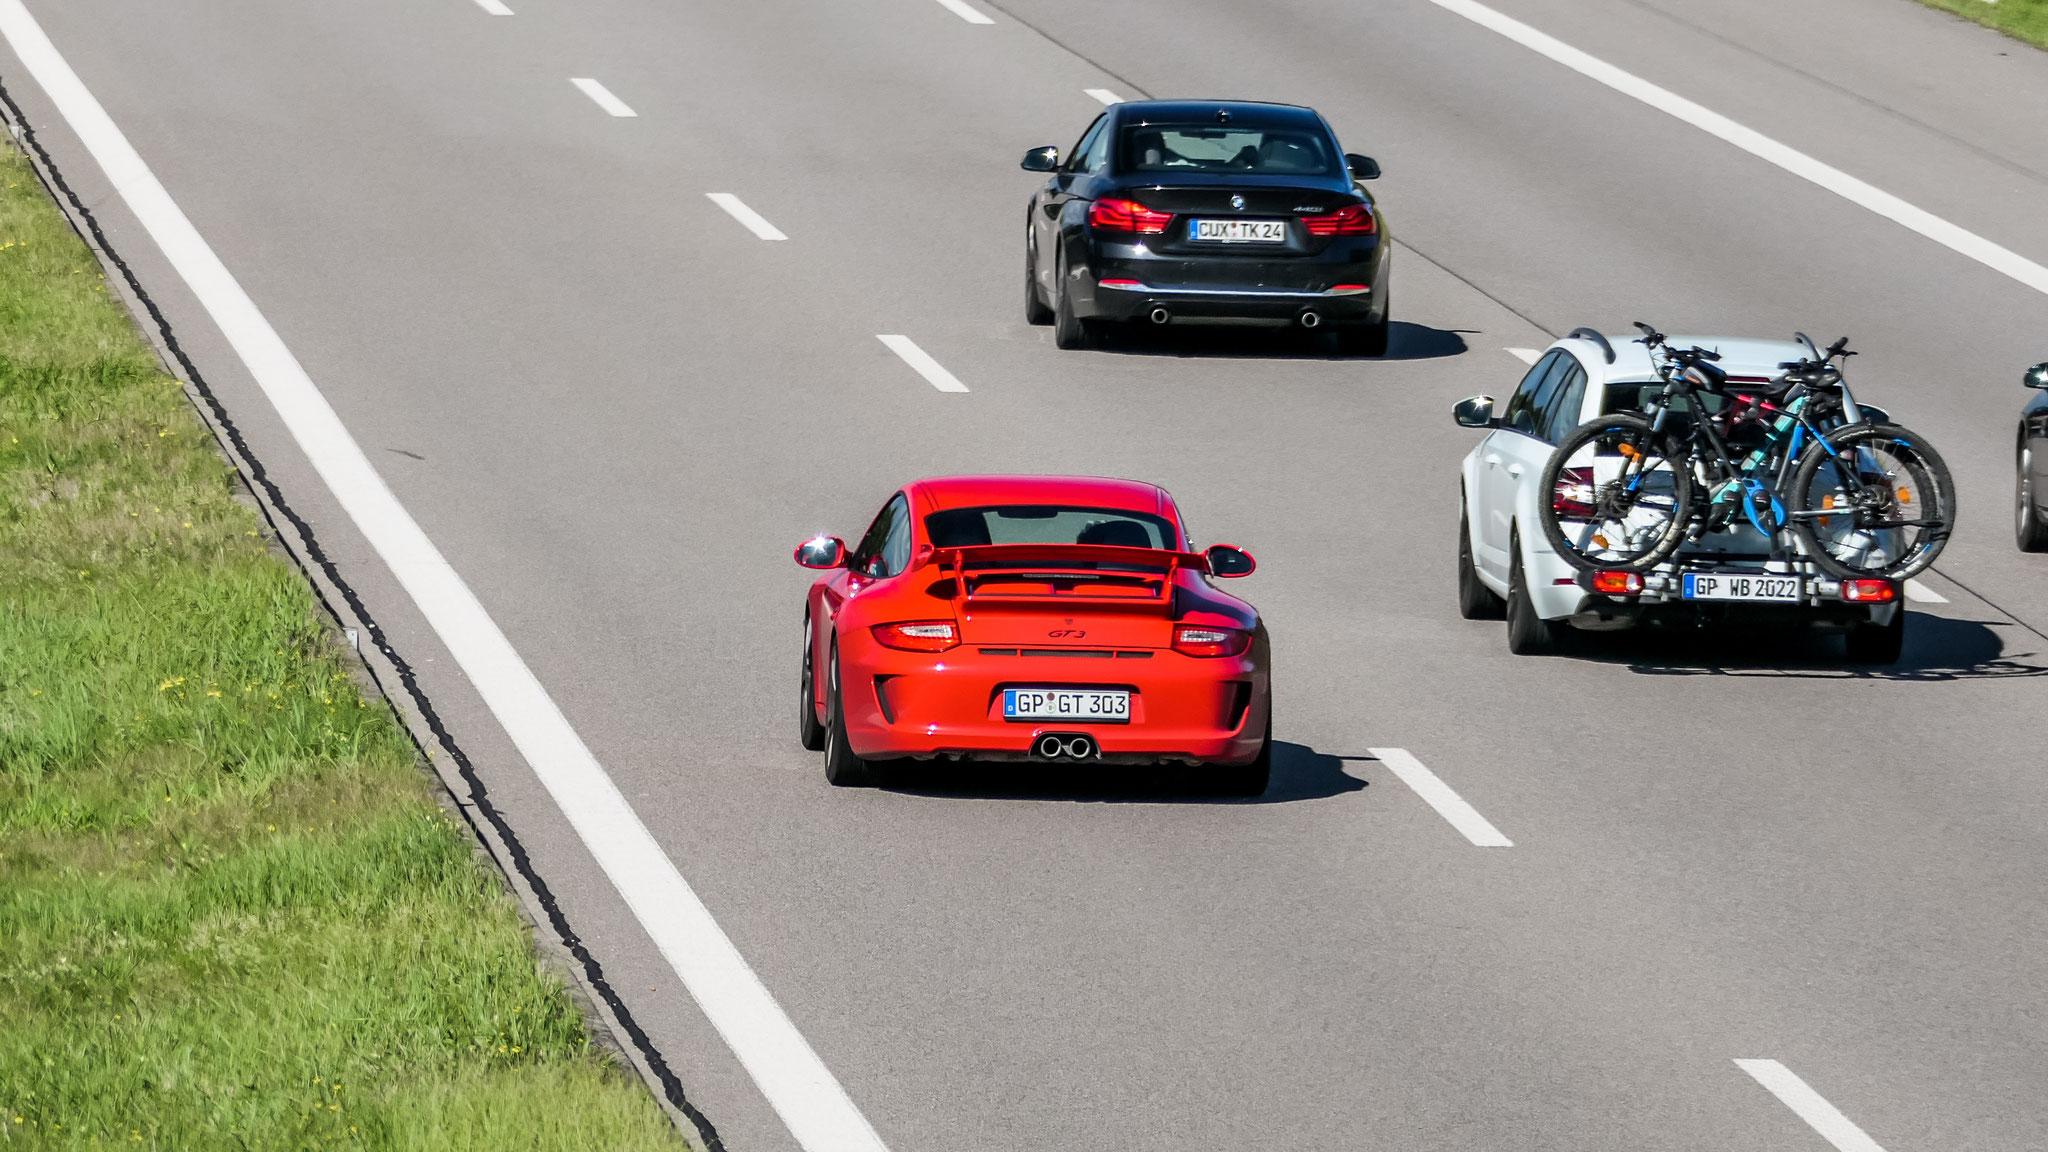 Porsche GT3 997 - GP-GT-303